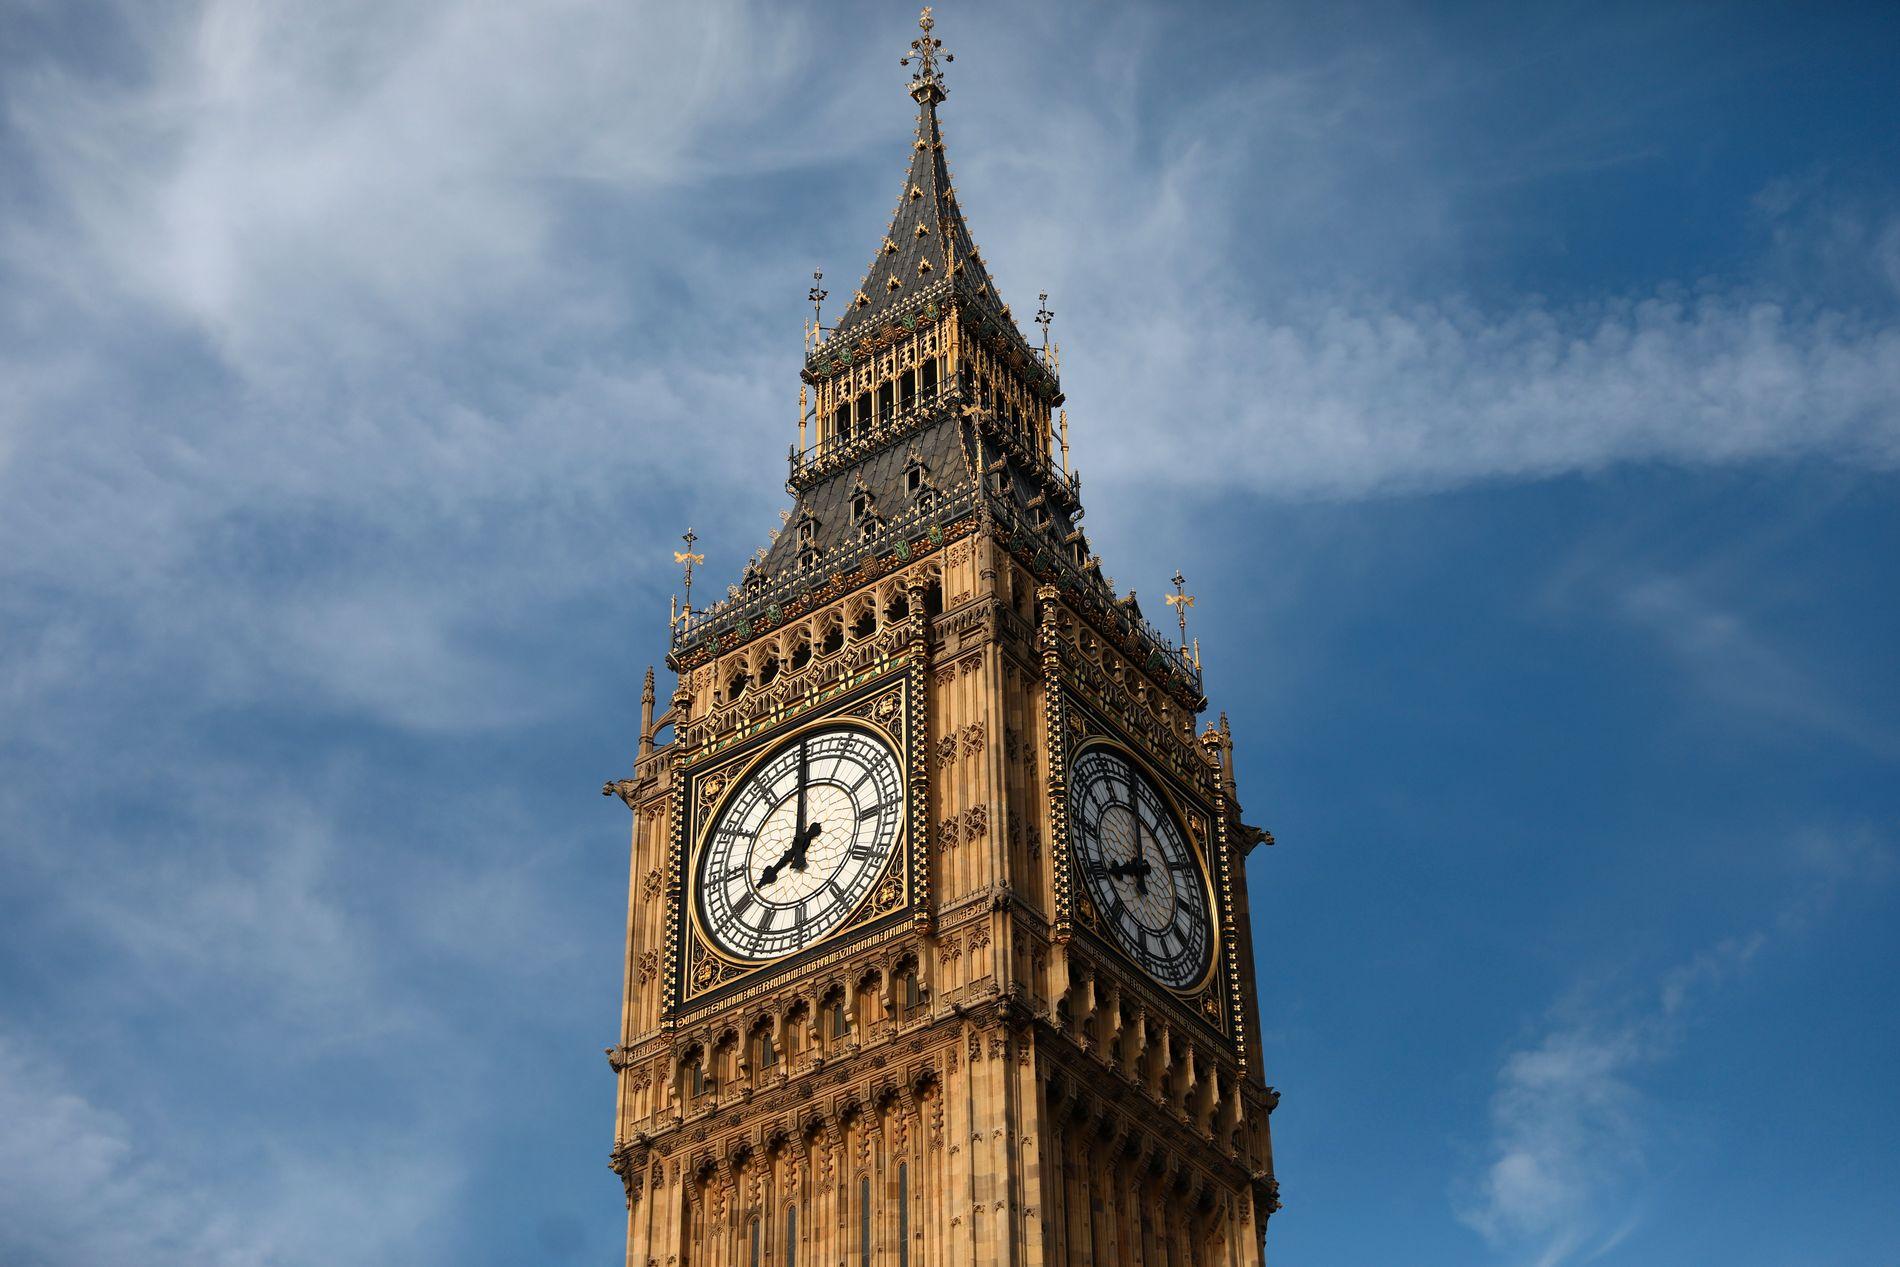 BLIR STILLE: Big Ben er et kjent monument i London. Nå blir det ikke mer lyd i klokken på fire år.